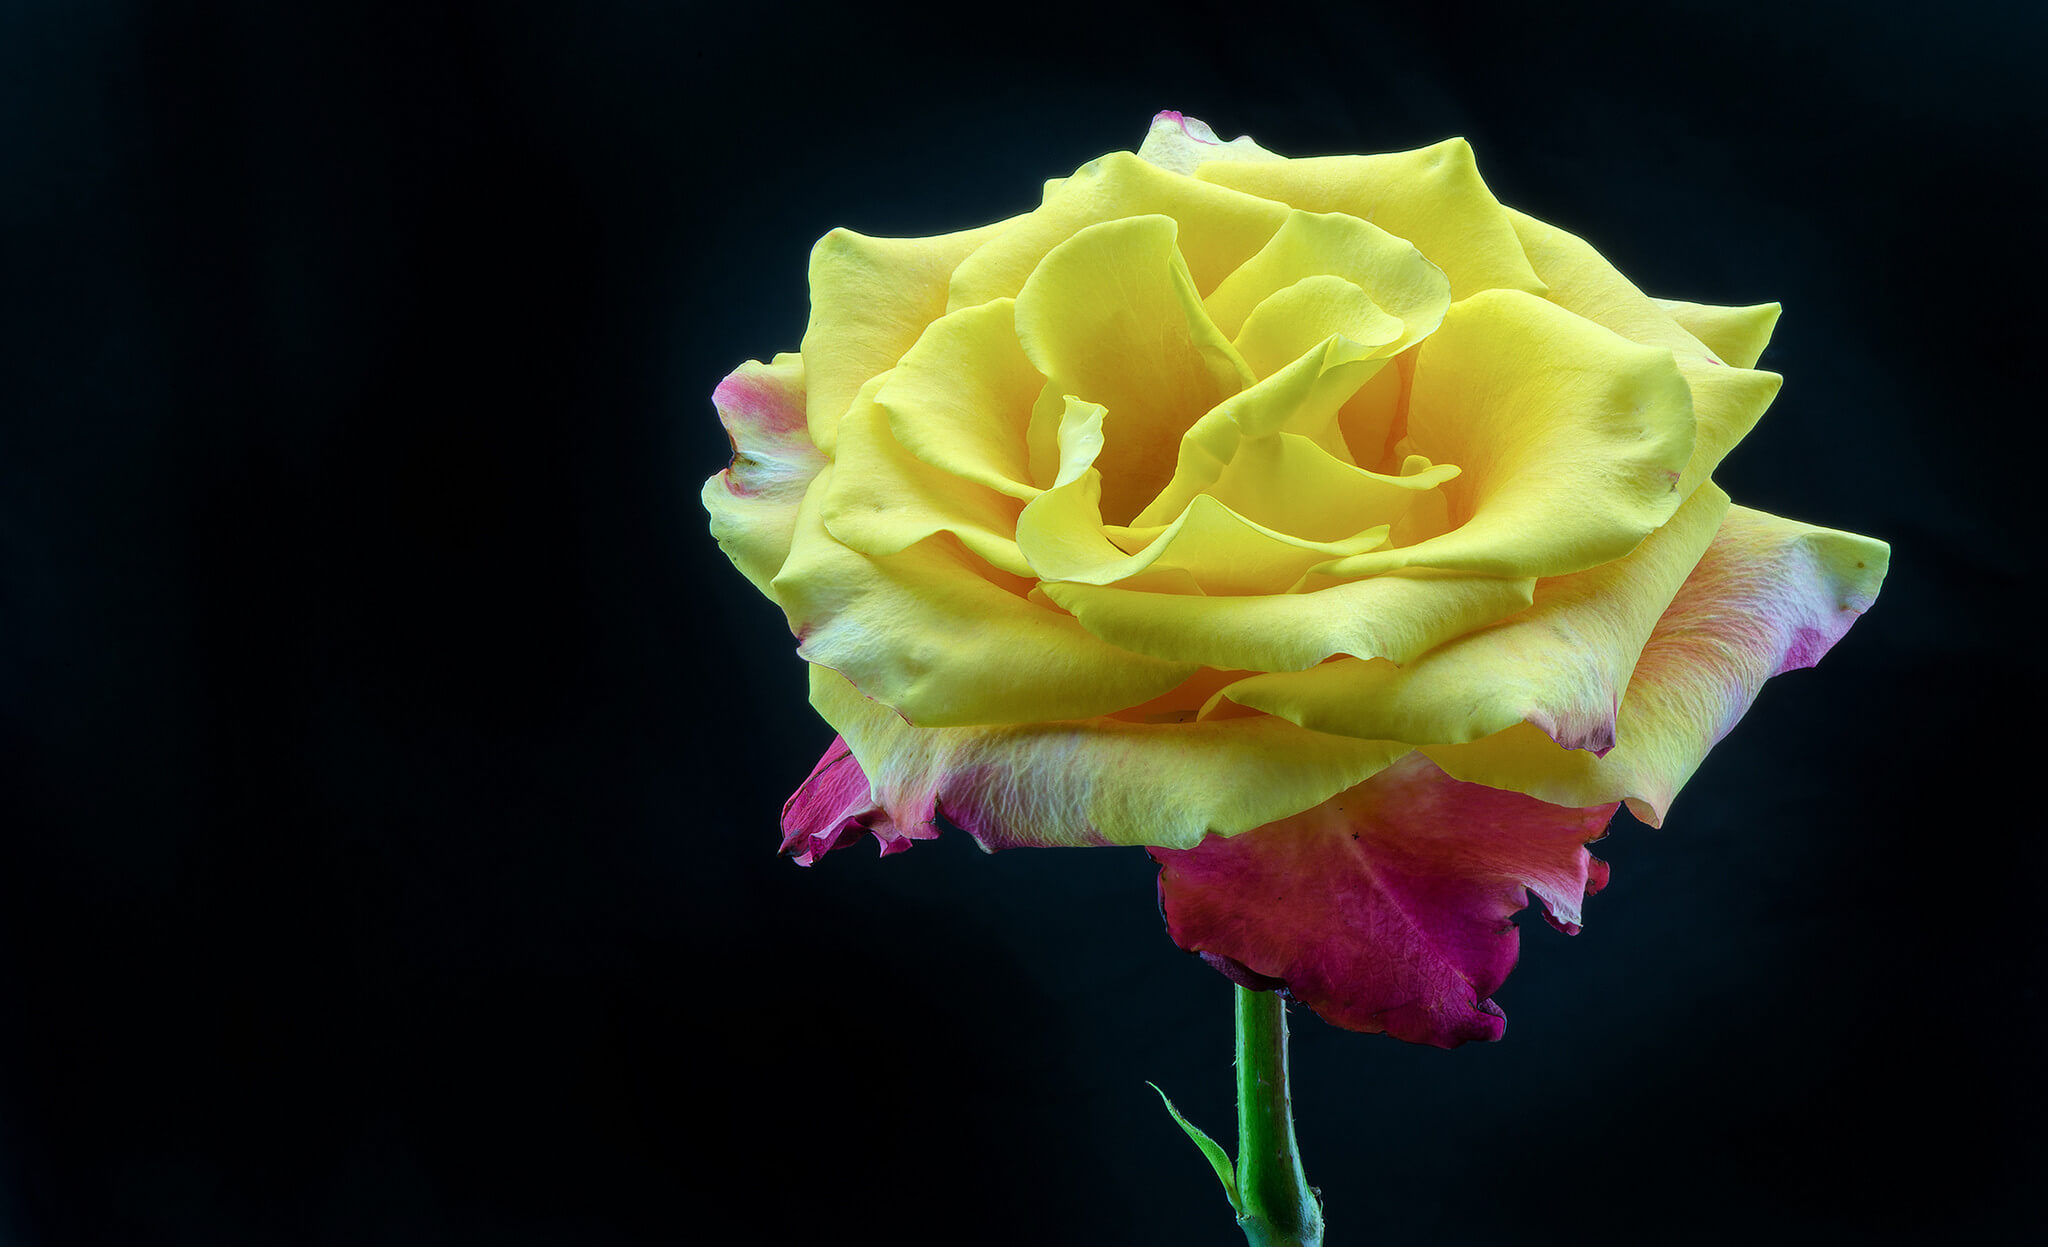 Удивительные картинки с розами, интересная сборка 27 фото 26